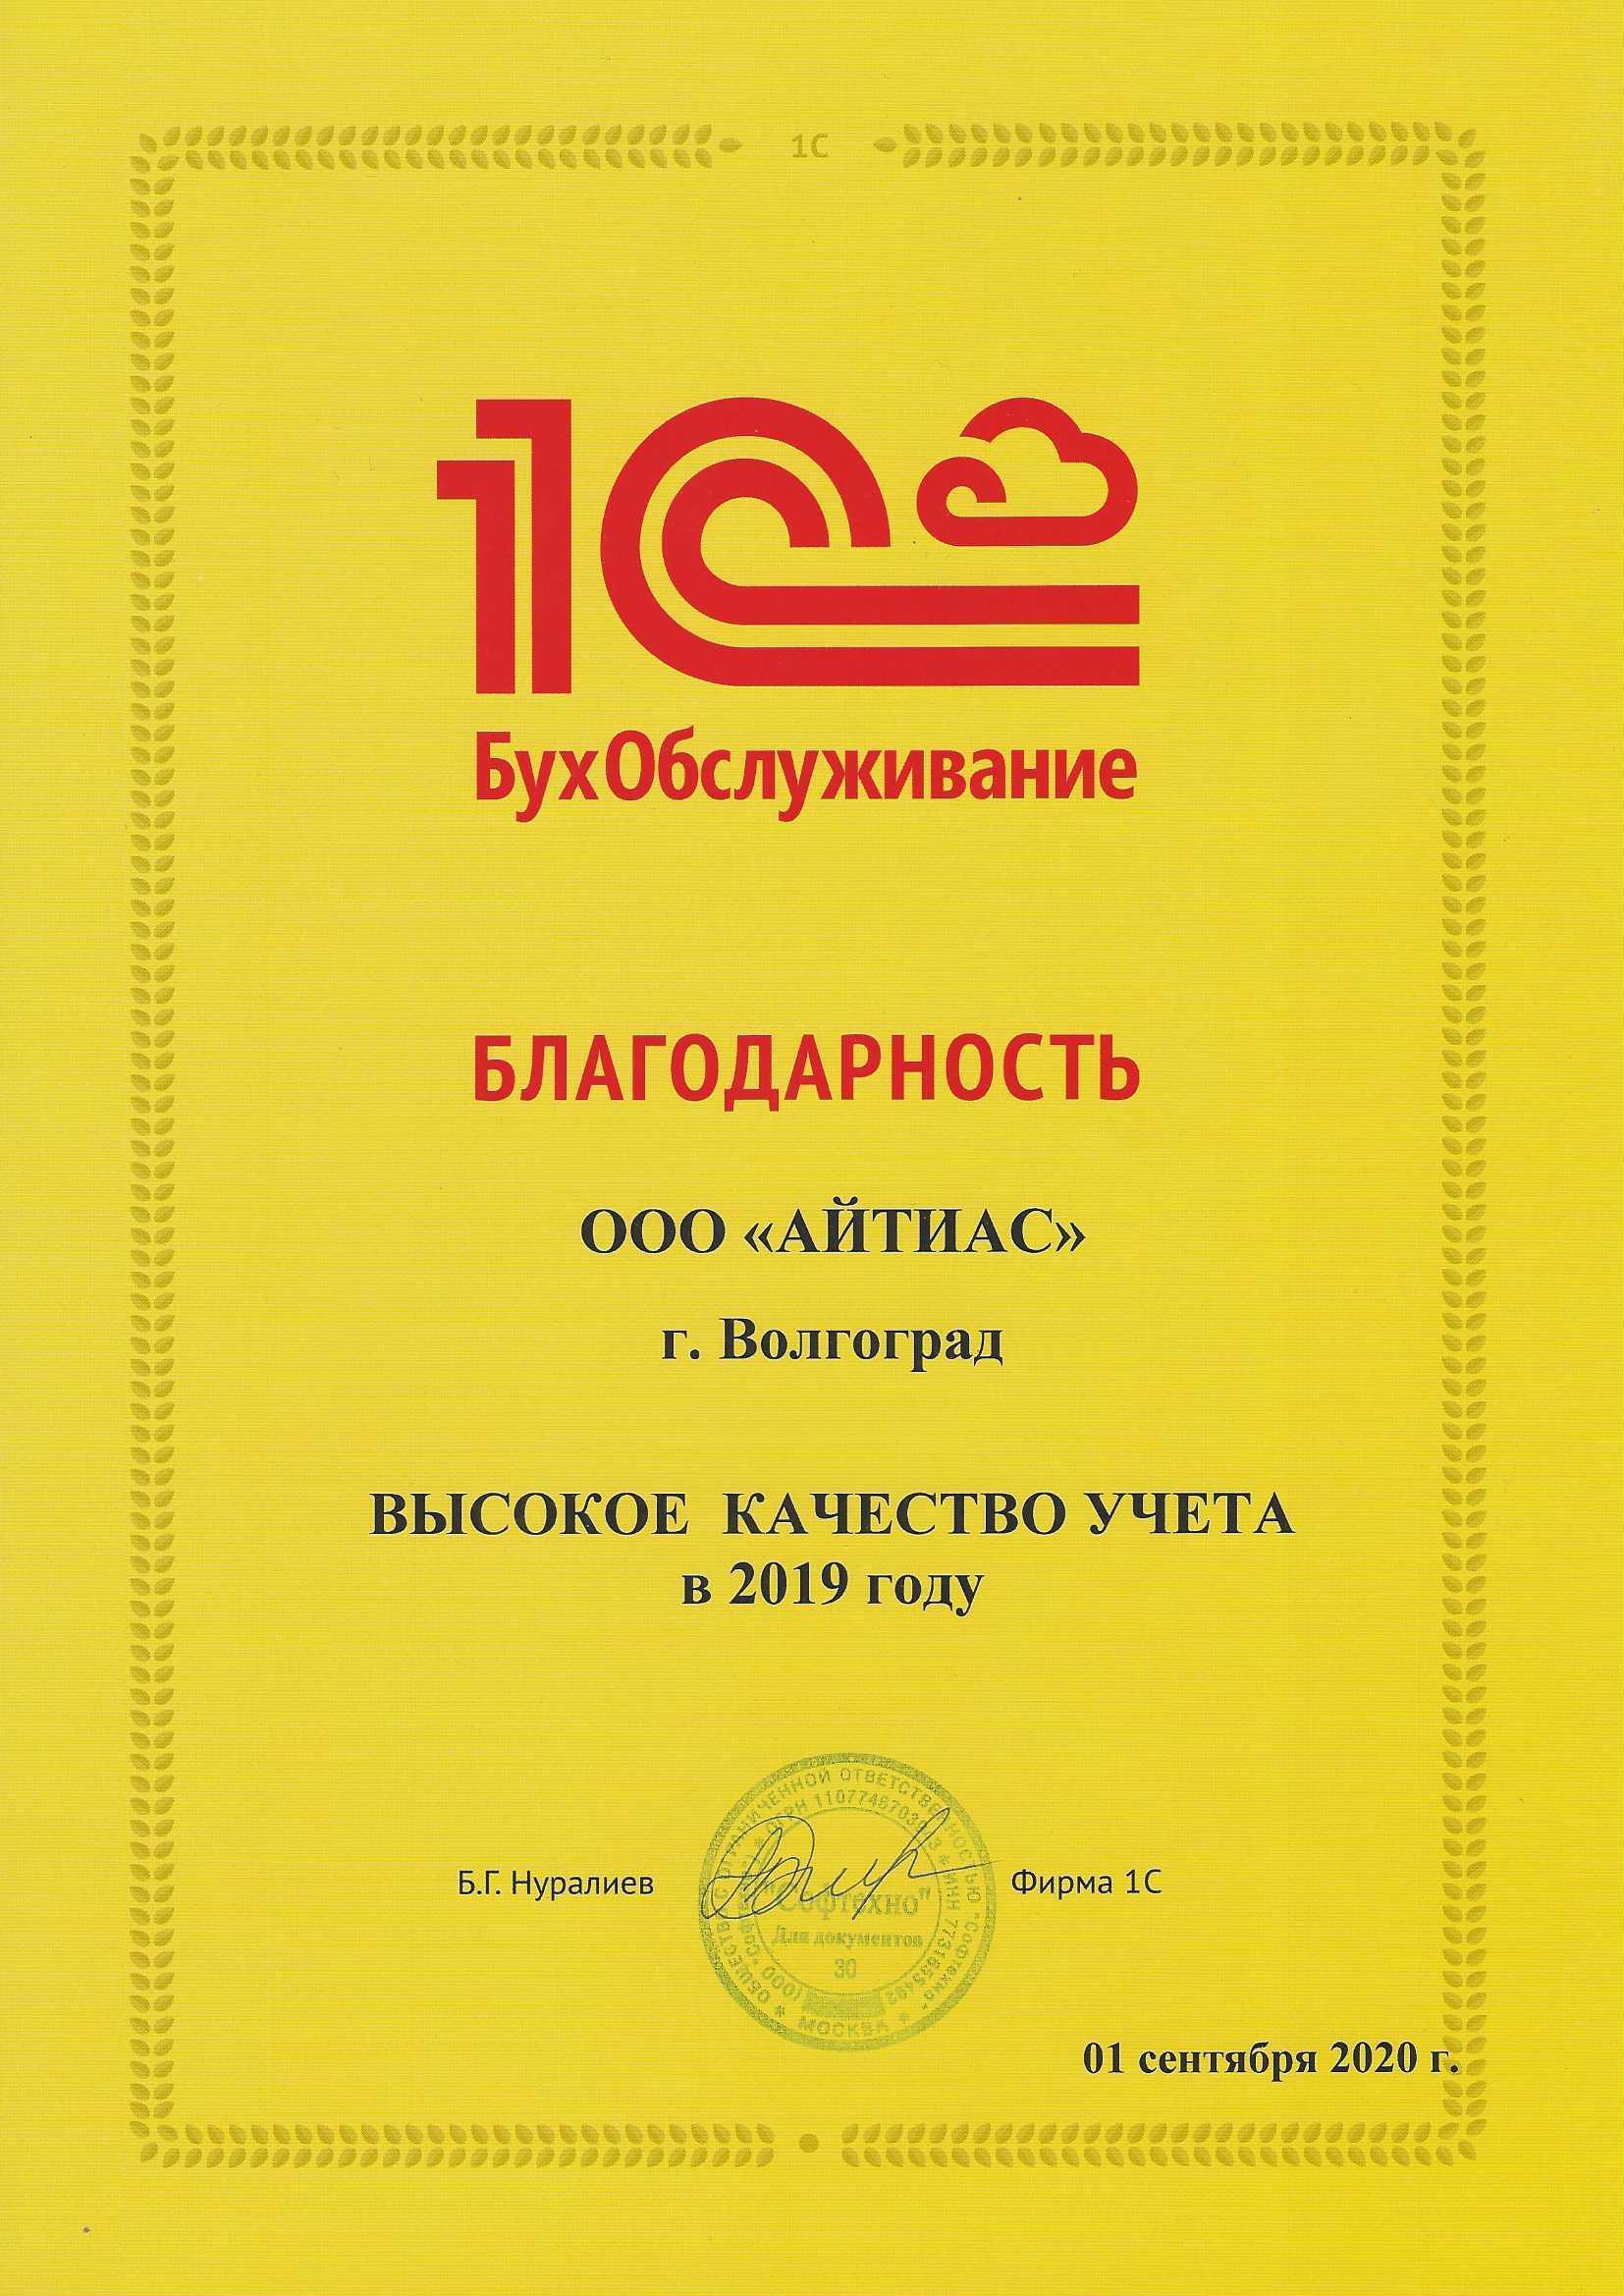 ООО АйТиАС. Благодарность за высокое качество учёта 2019